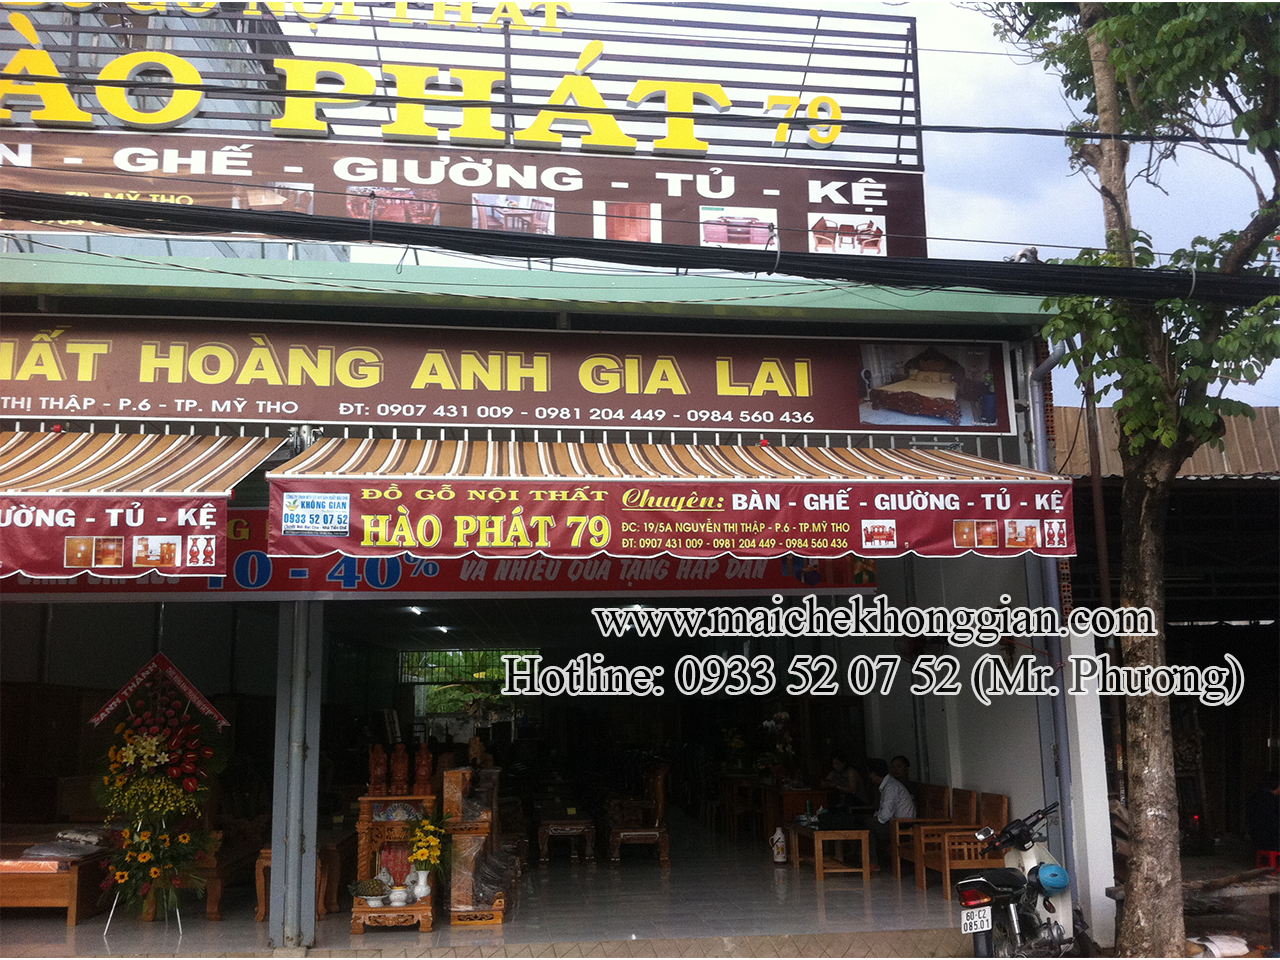 Lắp Mái Hiên Huyện Tam Bình Vĩnh Long